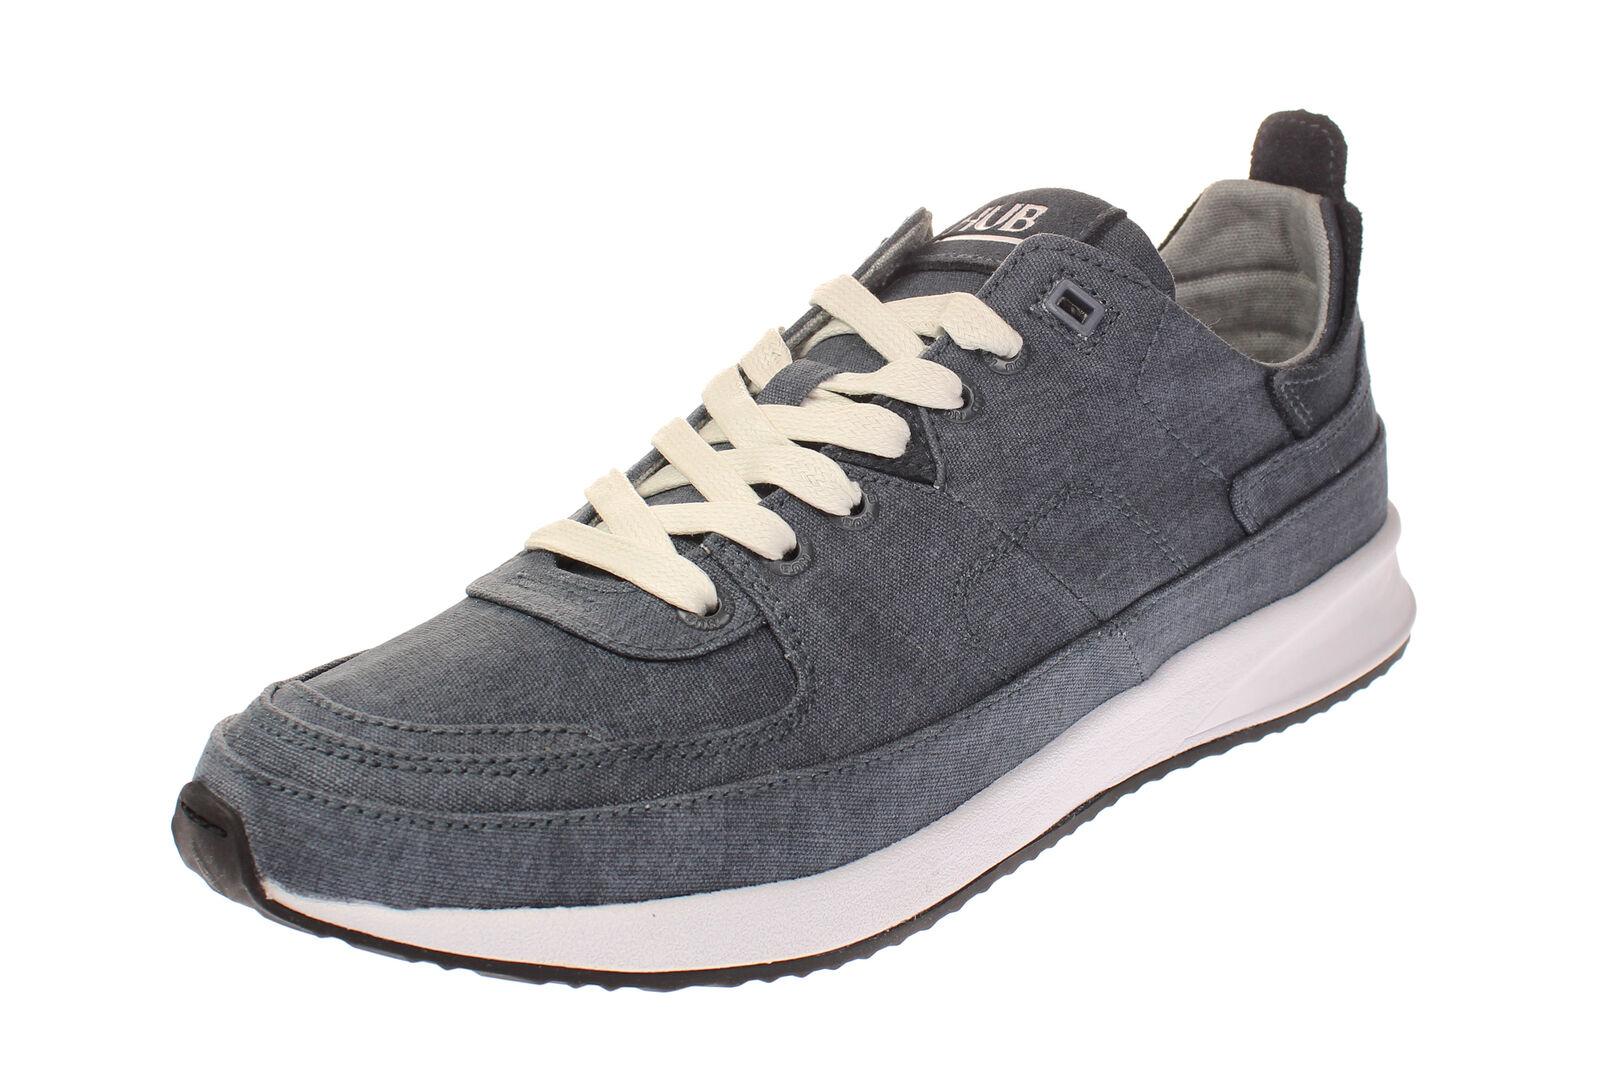 Hub Footwear Zone-M-caballero zapatos zapatillas-Navy-blanco-negro